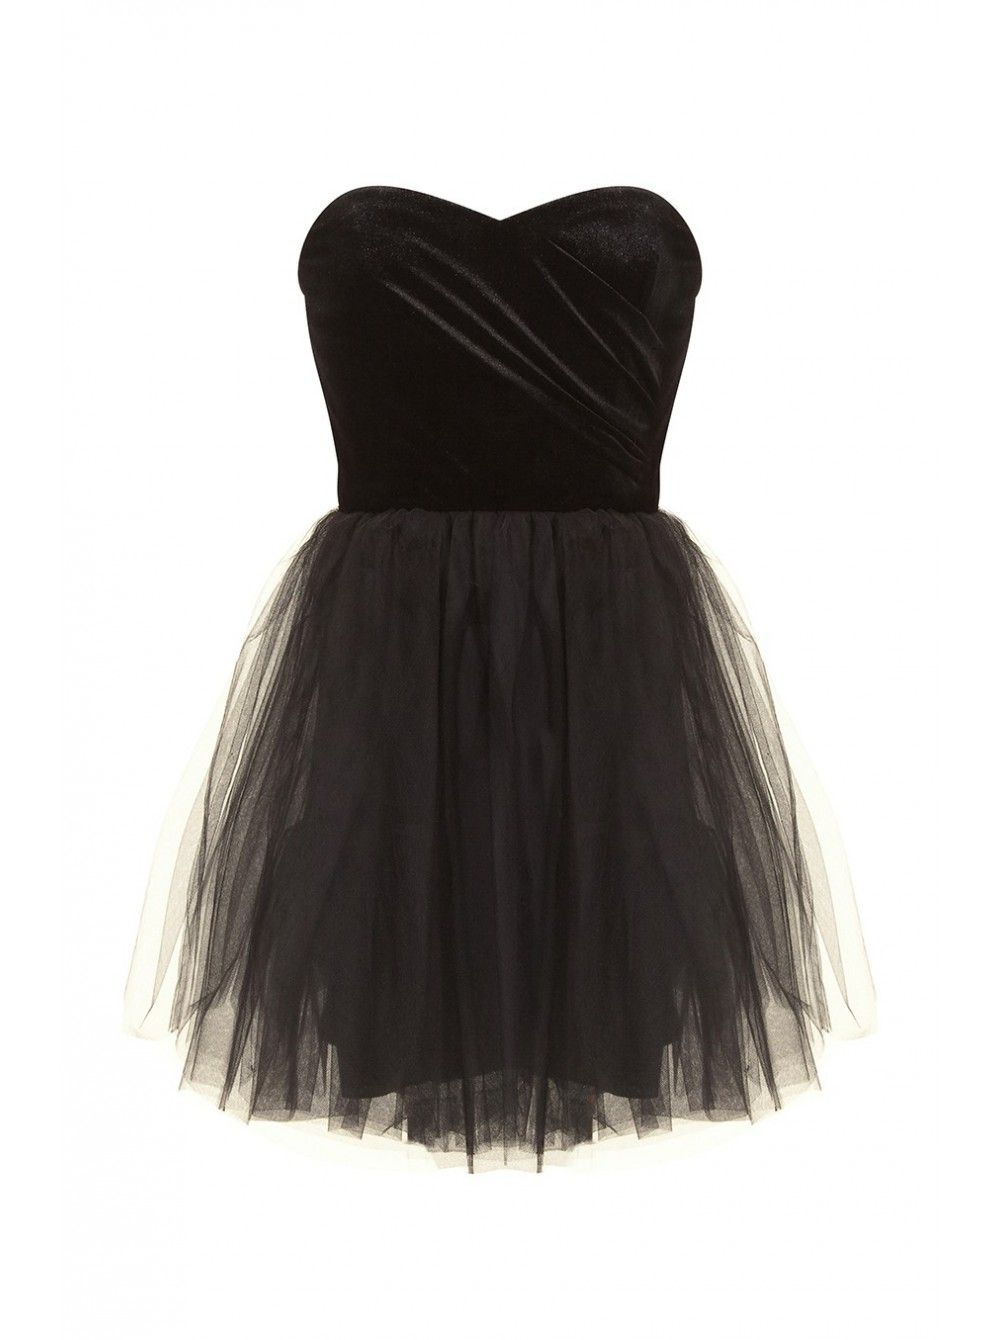 robe bustier velours et tutu noir robes femme naf naf robe pinterest tutu noir robe. Black Bedroom Furniture Sets. Home Design Ideas